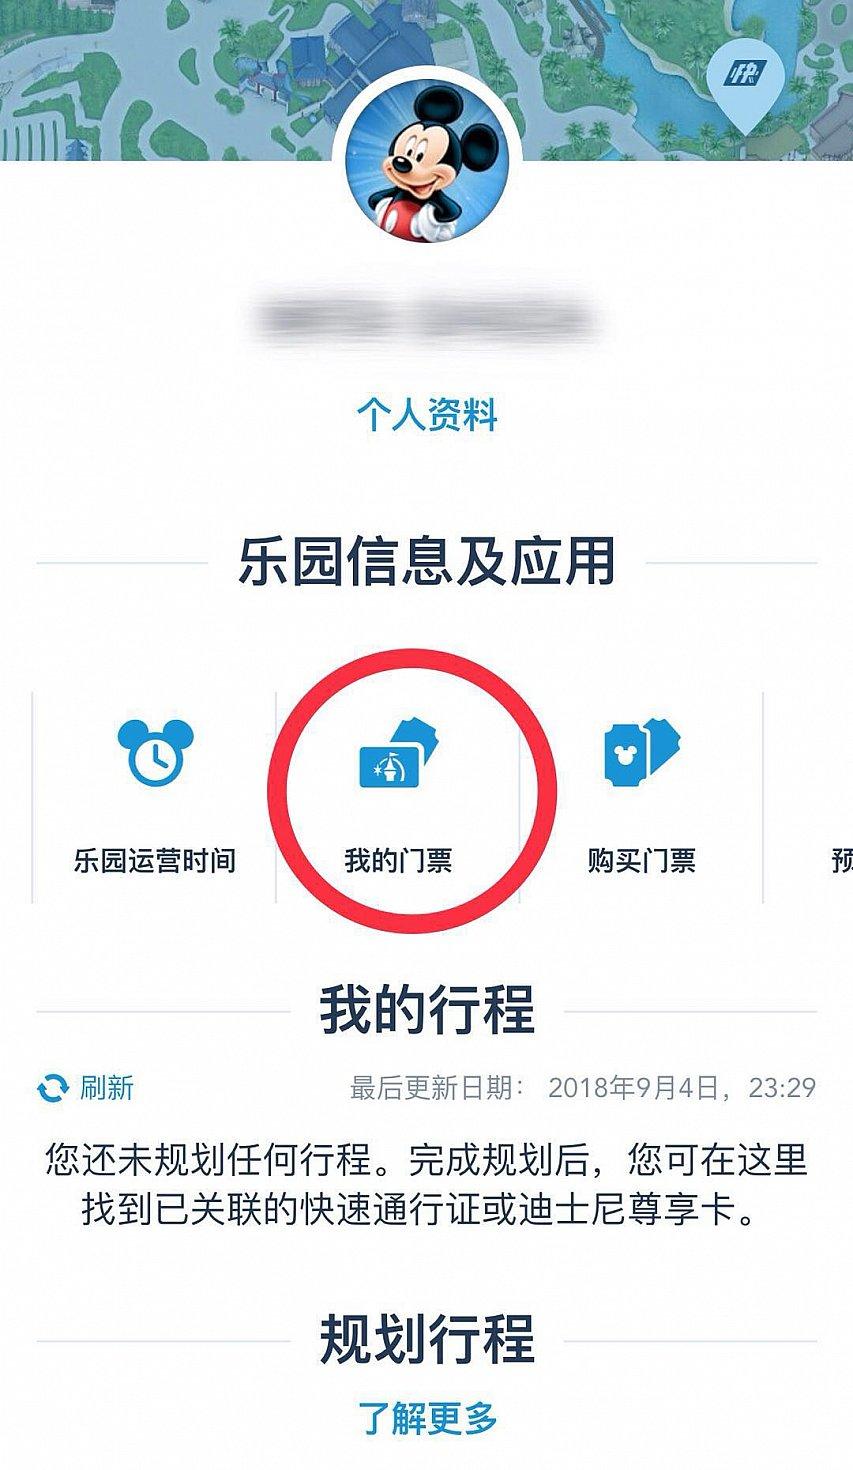 """上海ディズニー公式APPにもハーフイヤーパスを紐付けします。 赤丸の""""我的门票""""をタップします。"""